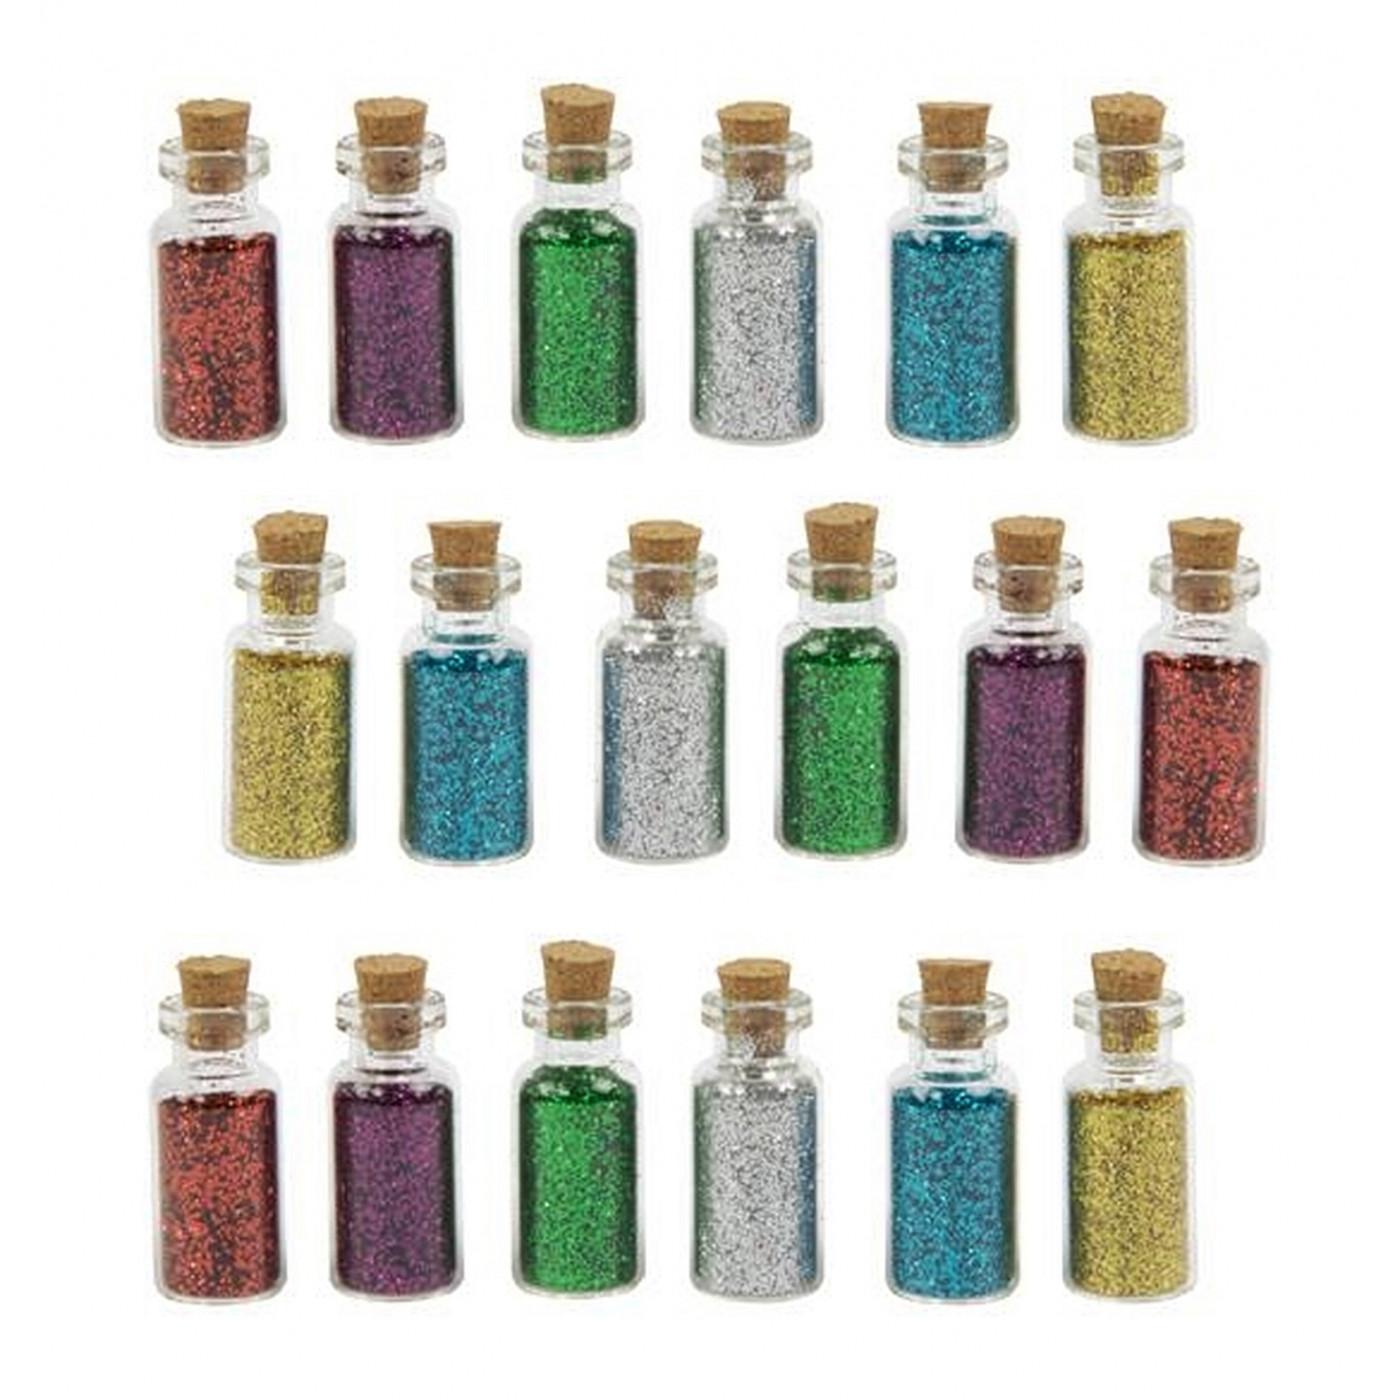 Zestaw 18 mini buteleczek z brokatem dekoracyjnym (typ 1)  - 1